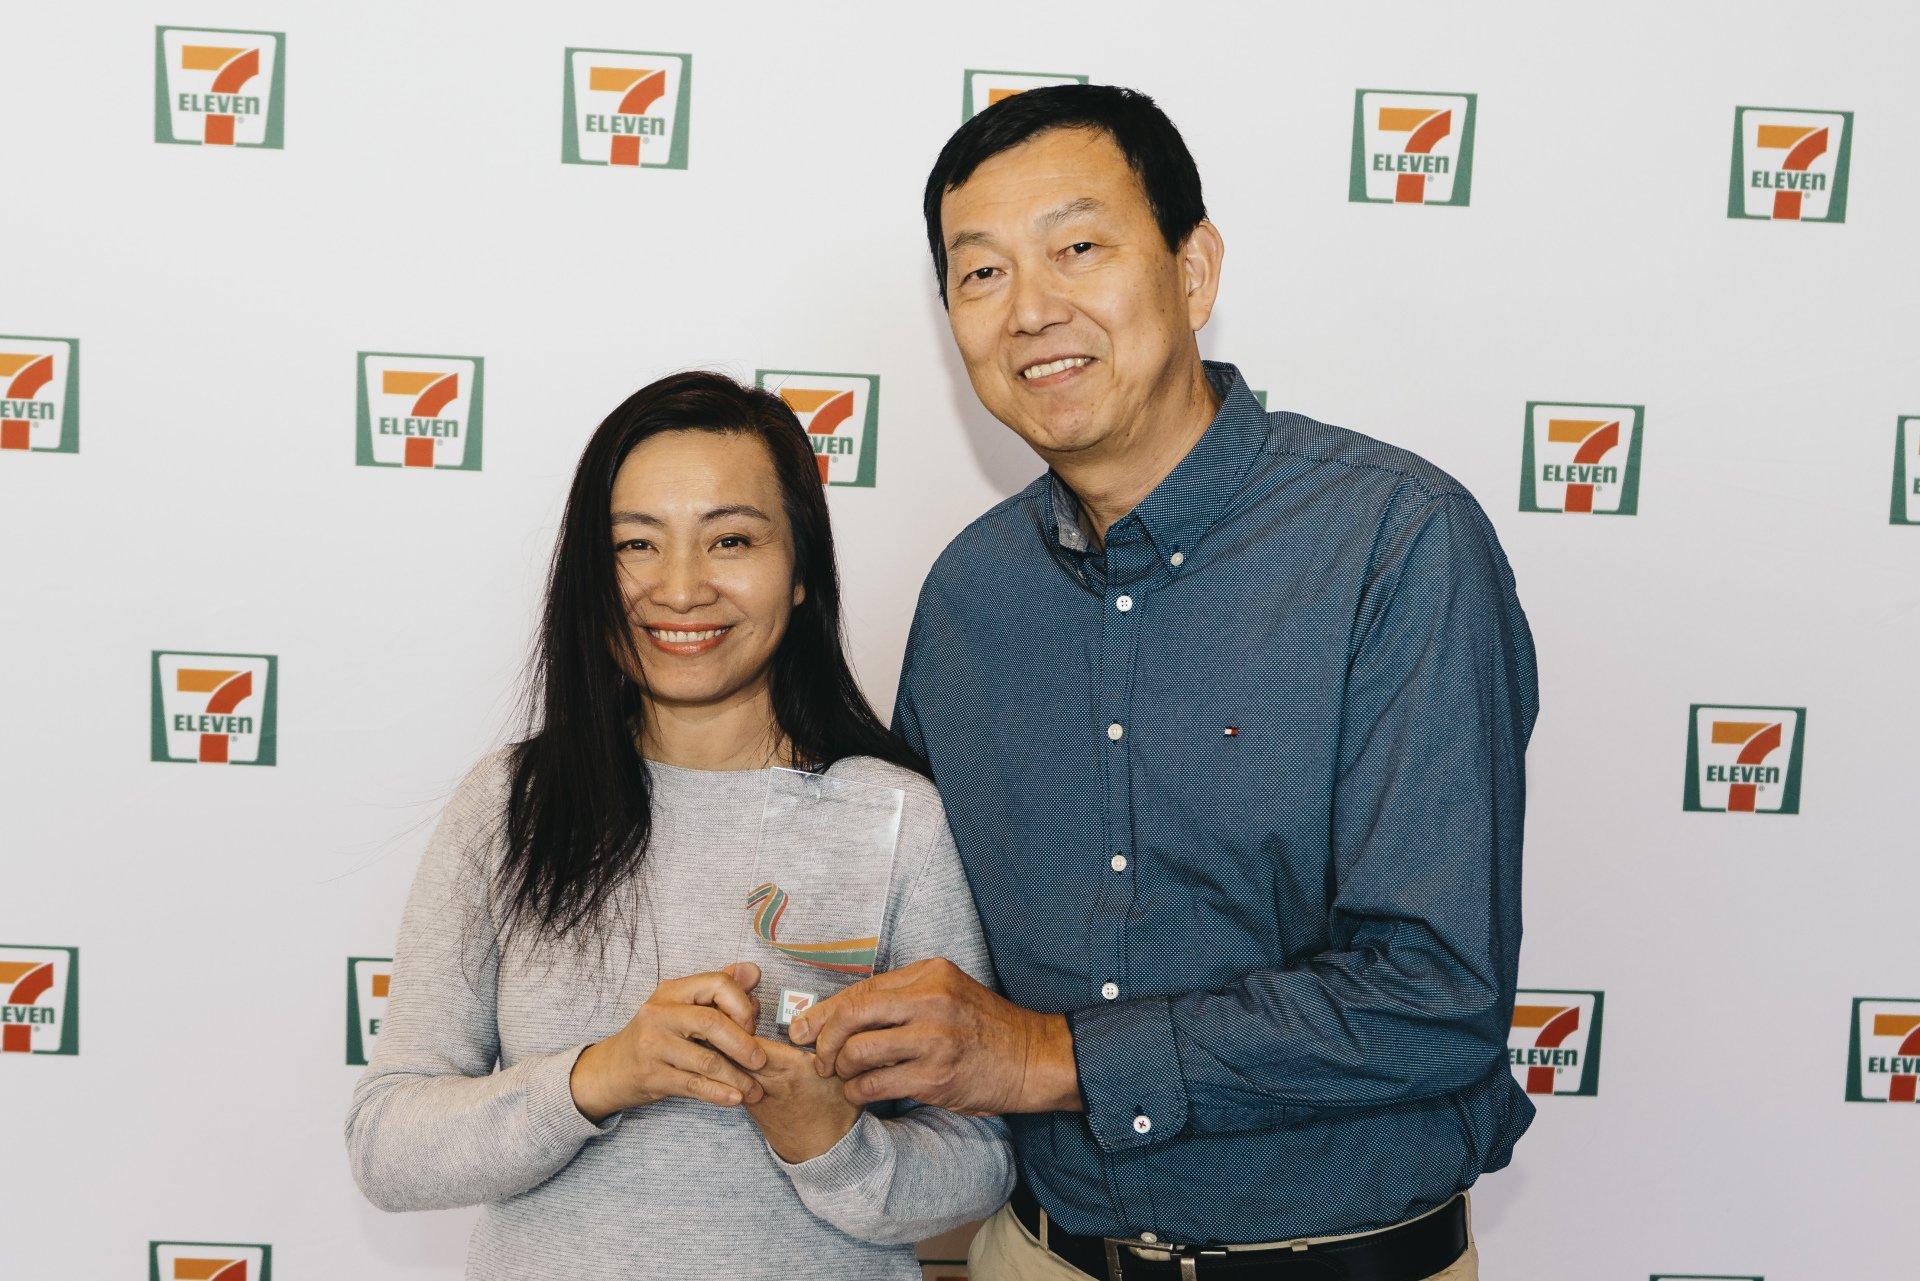 QLD Delight Customers - Julie Jiang and Bin Zhang.jpg